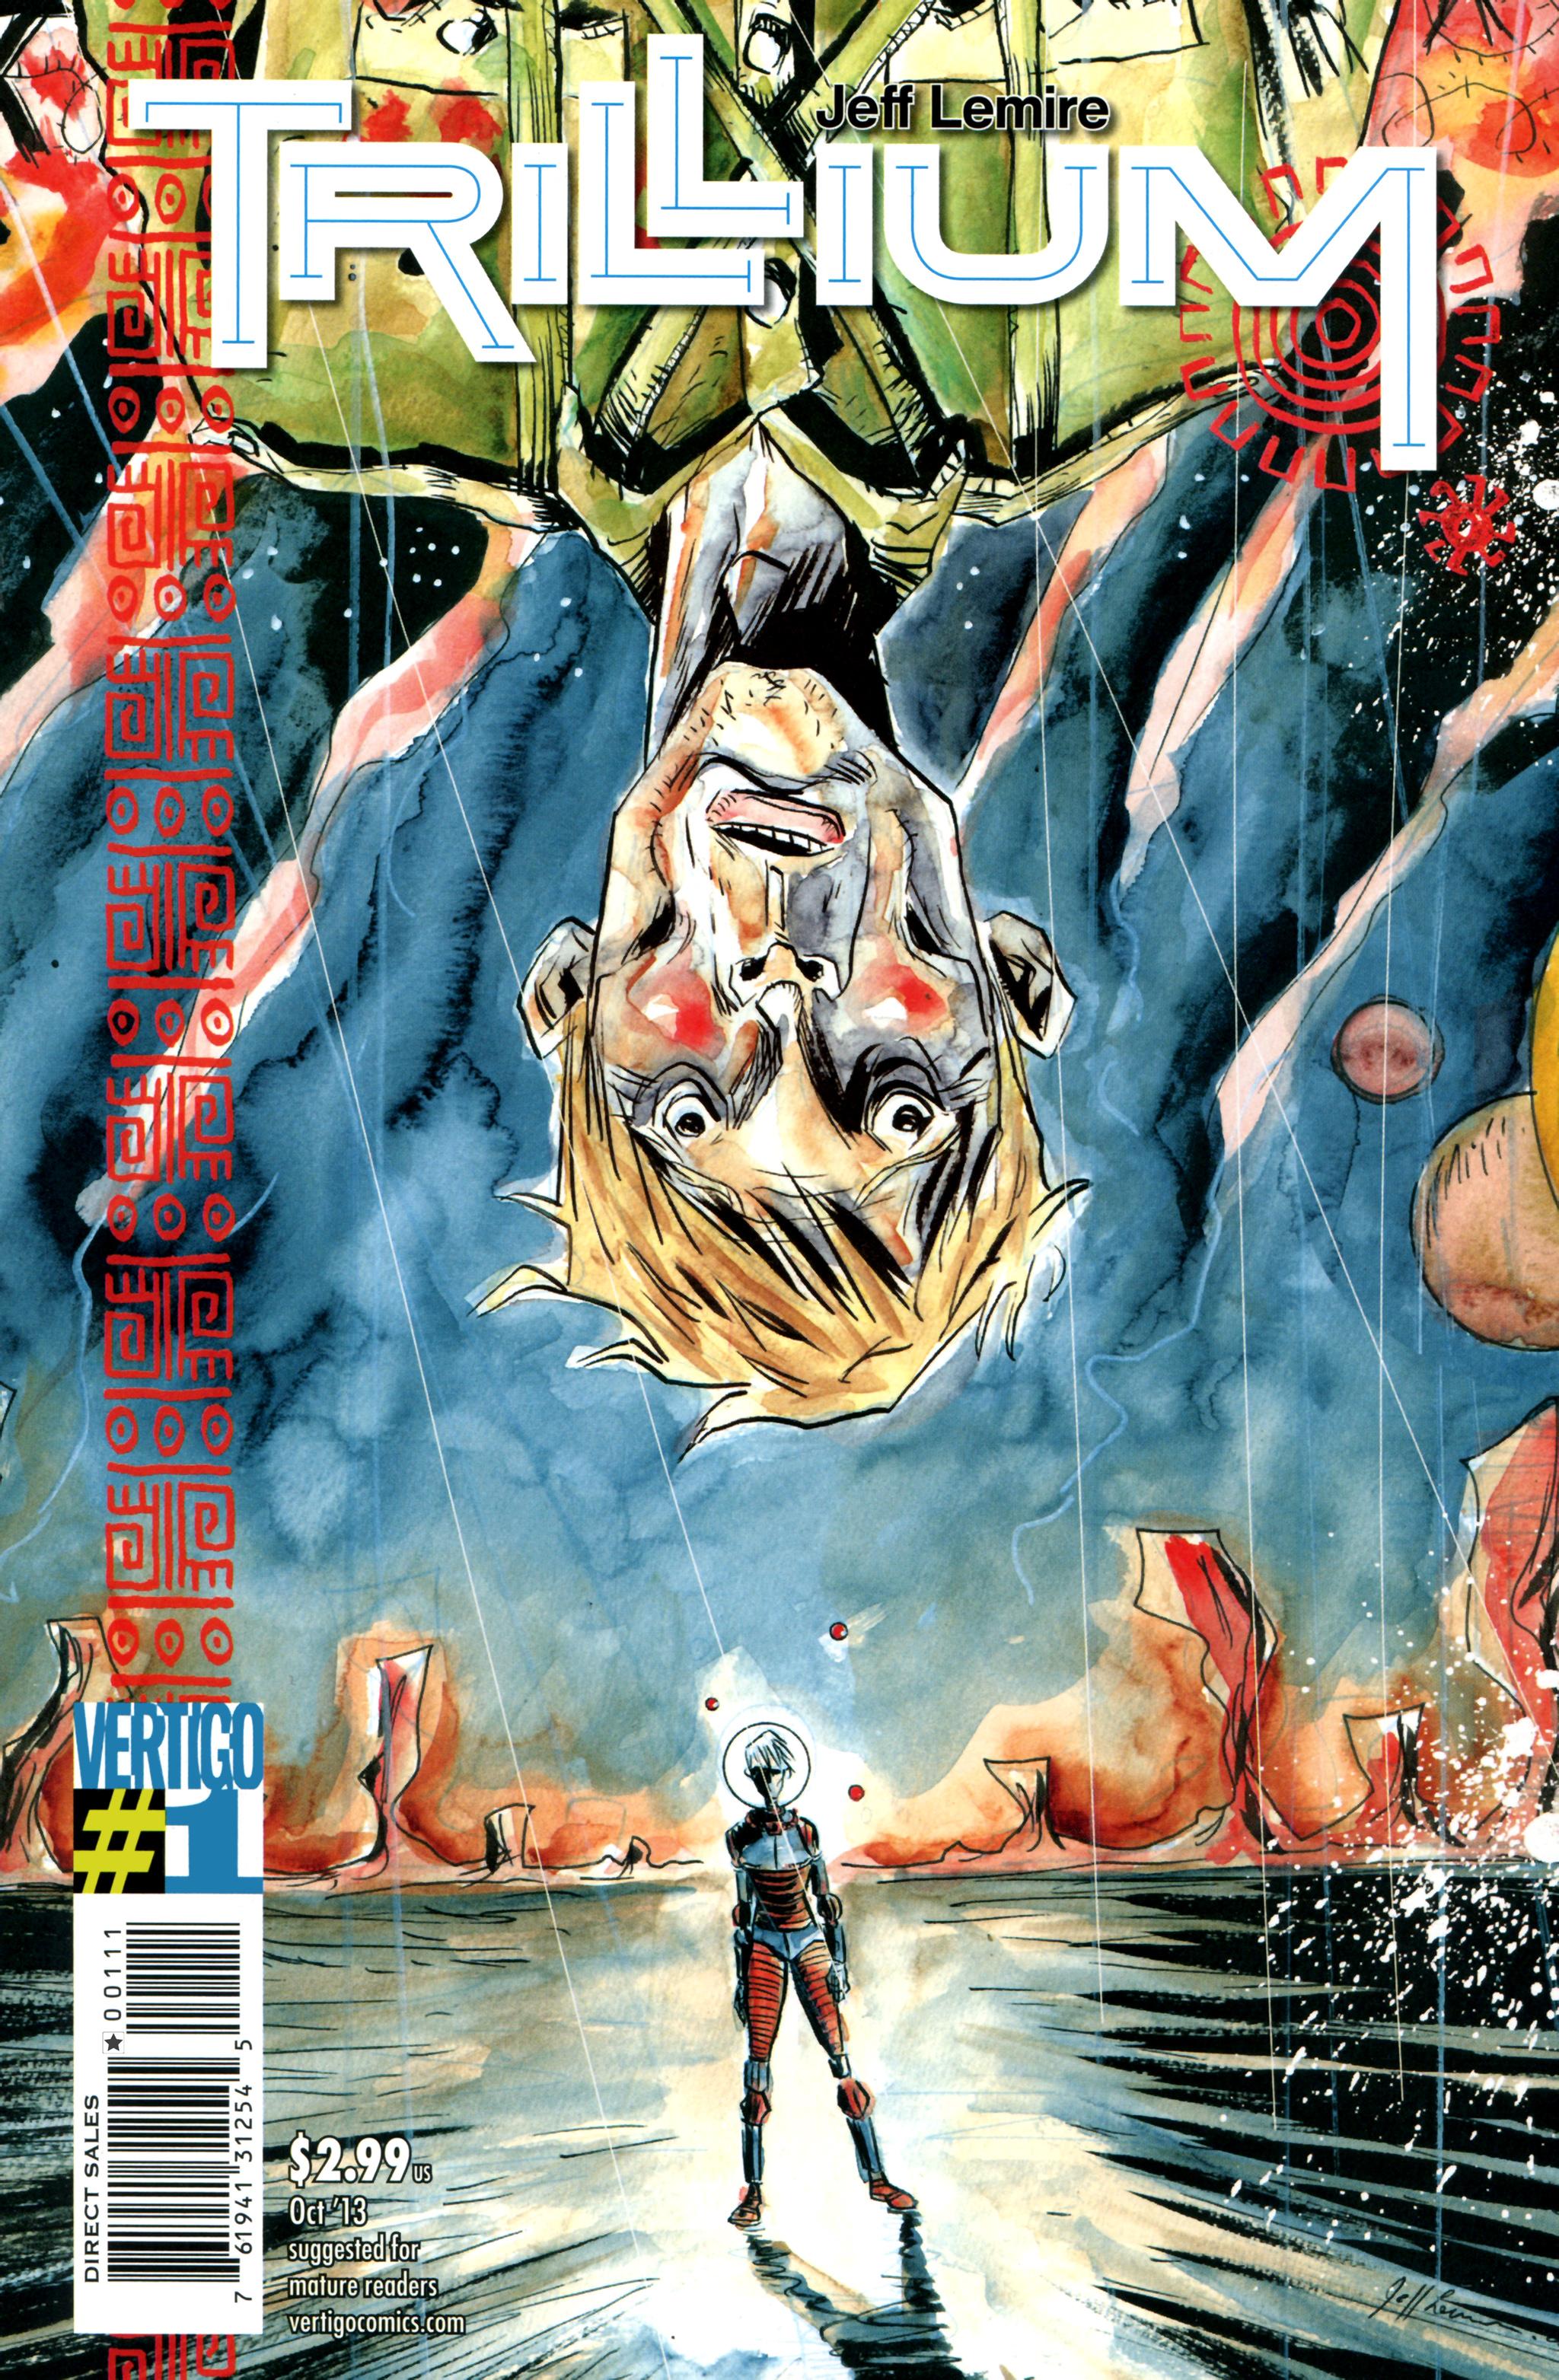 Read online Trillium comic -  Issue #1 - 1